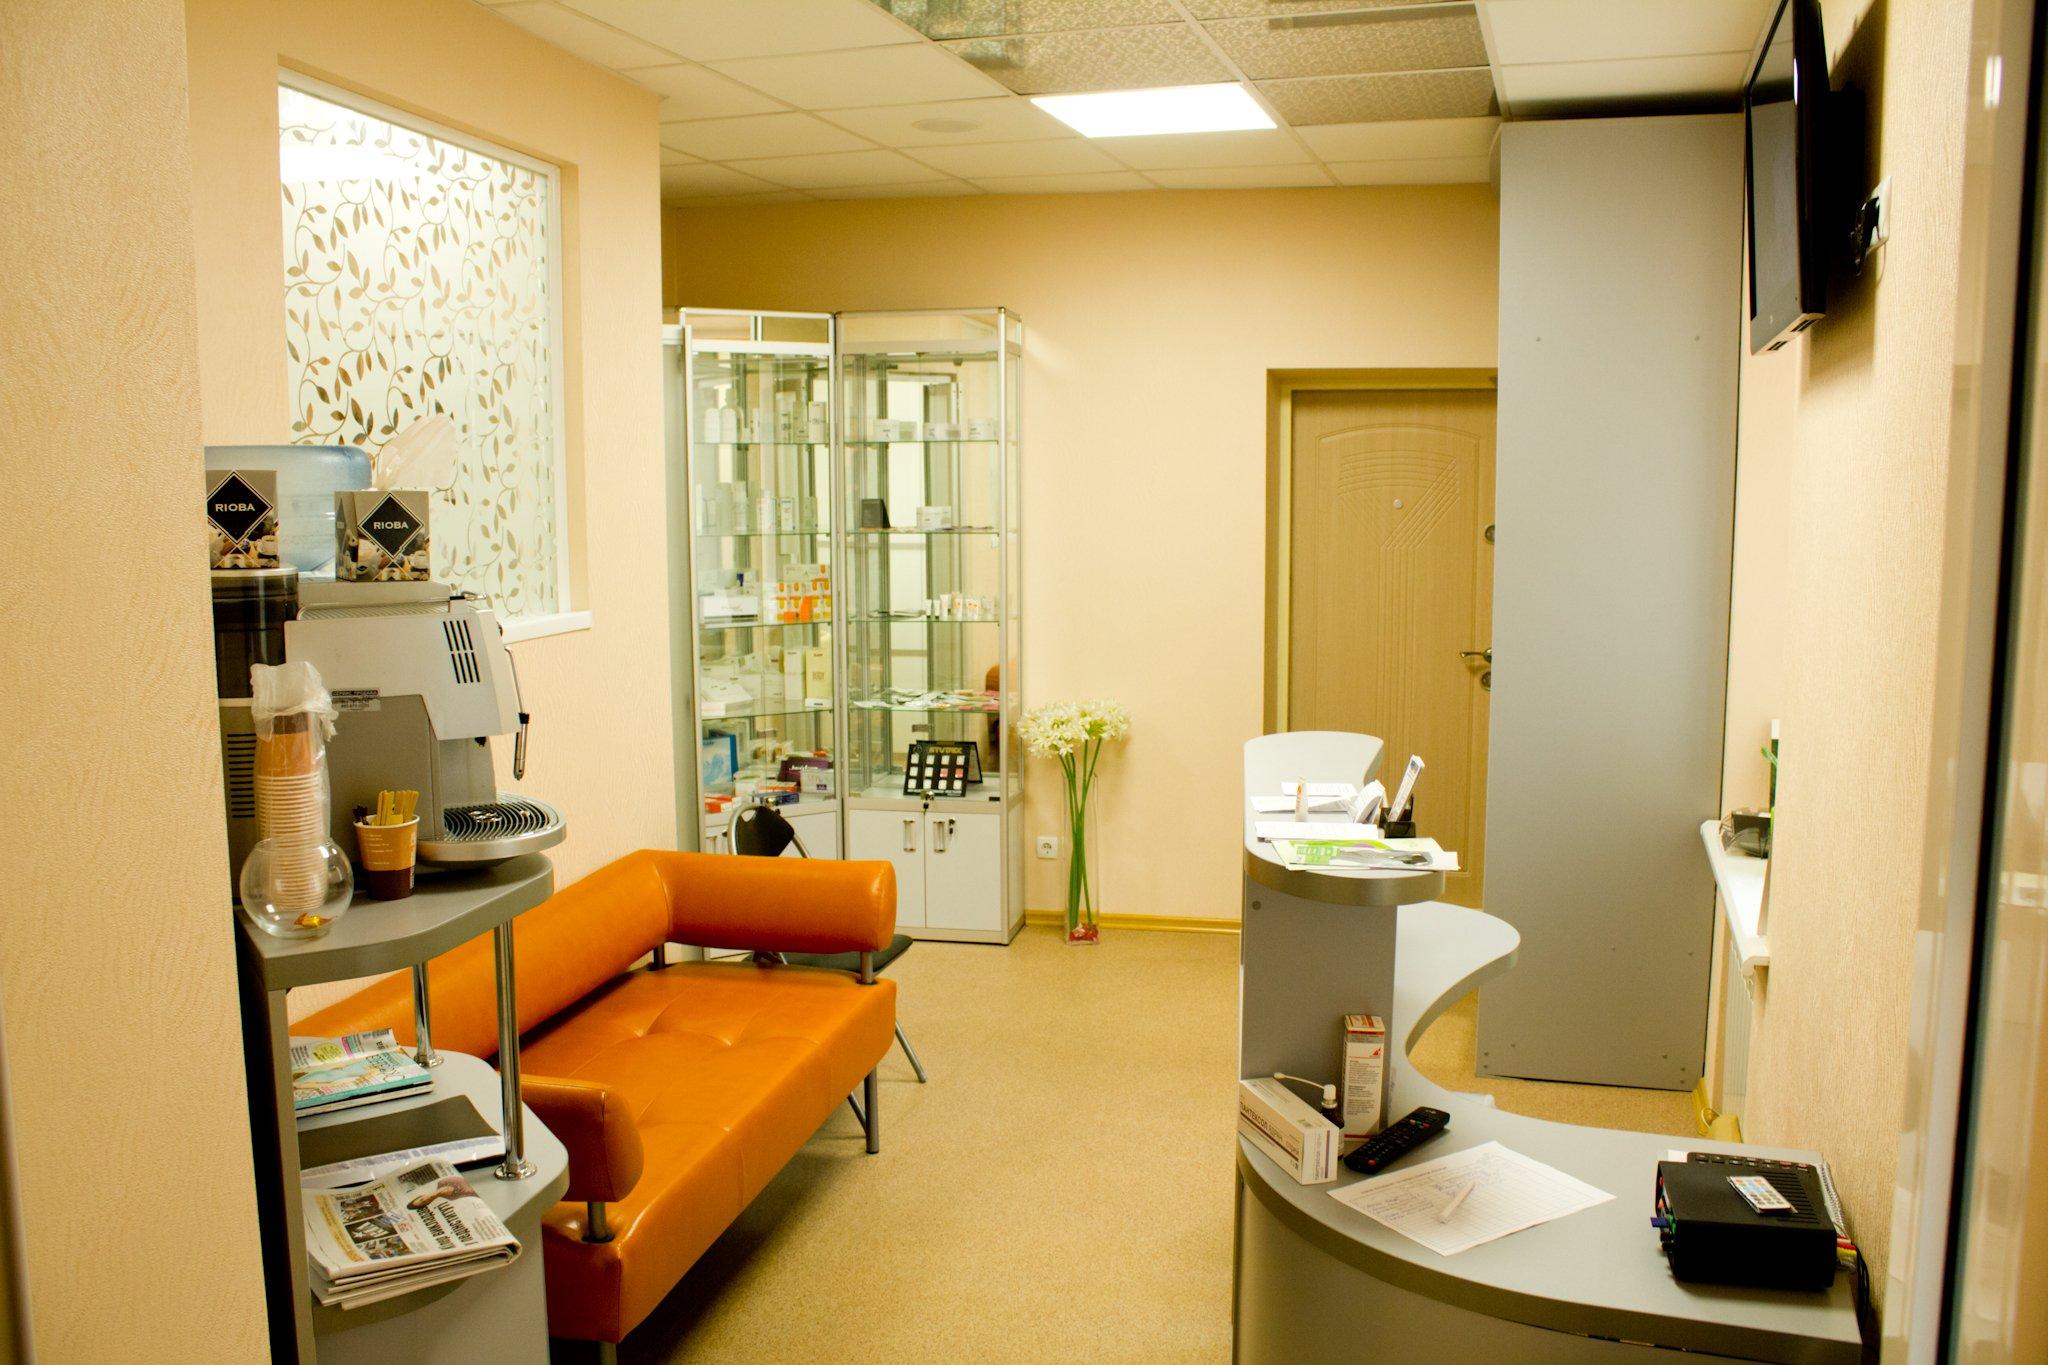 Медицинский центр в новокузнецке на фестивальной 5